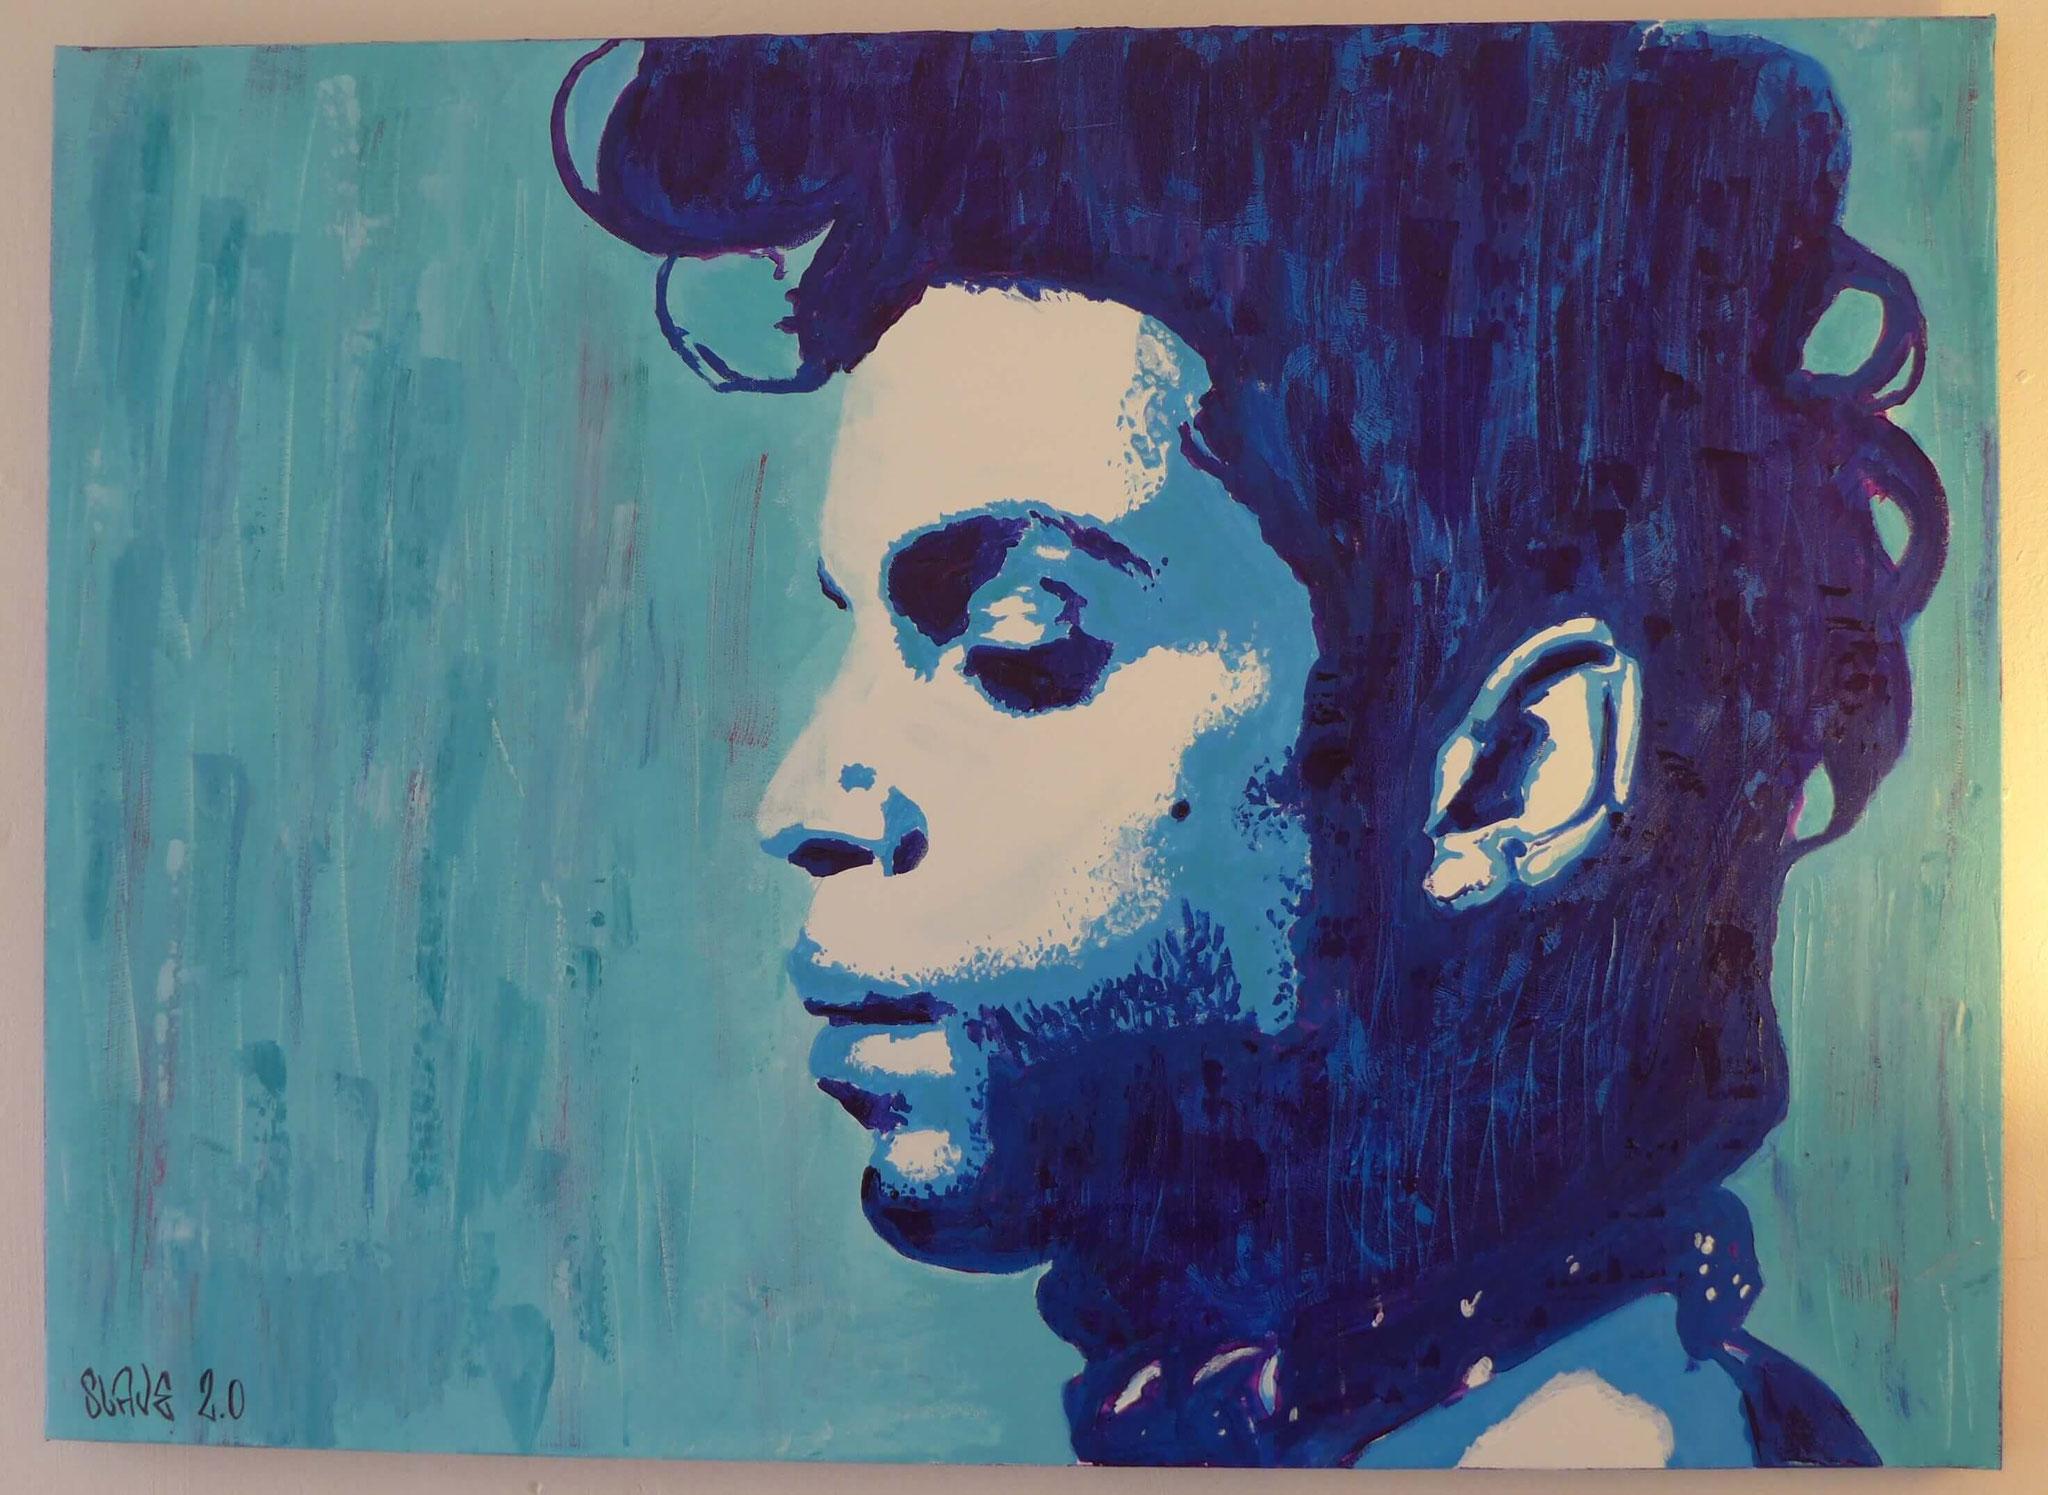 Prince Street art RIP sur toile par Slave 2.0